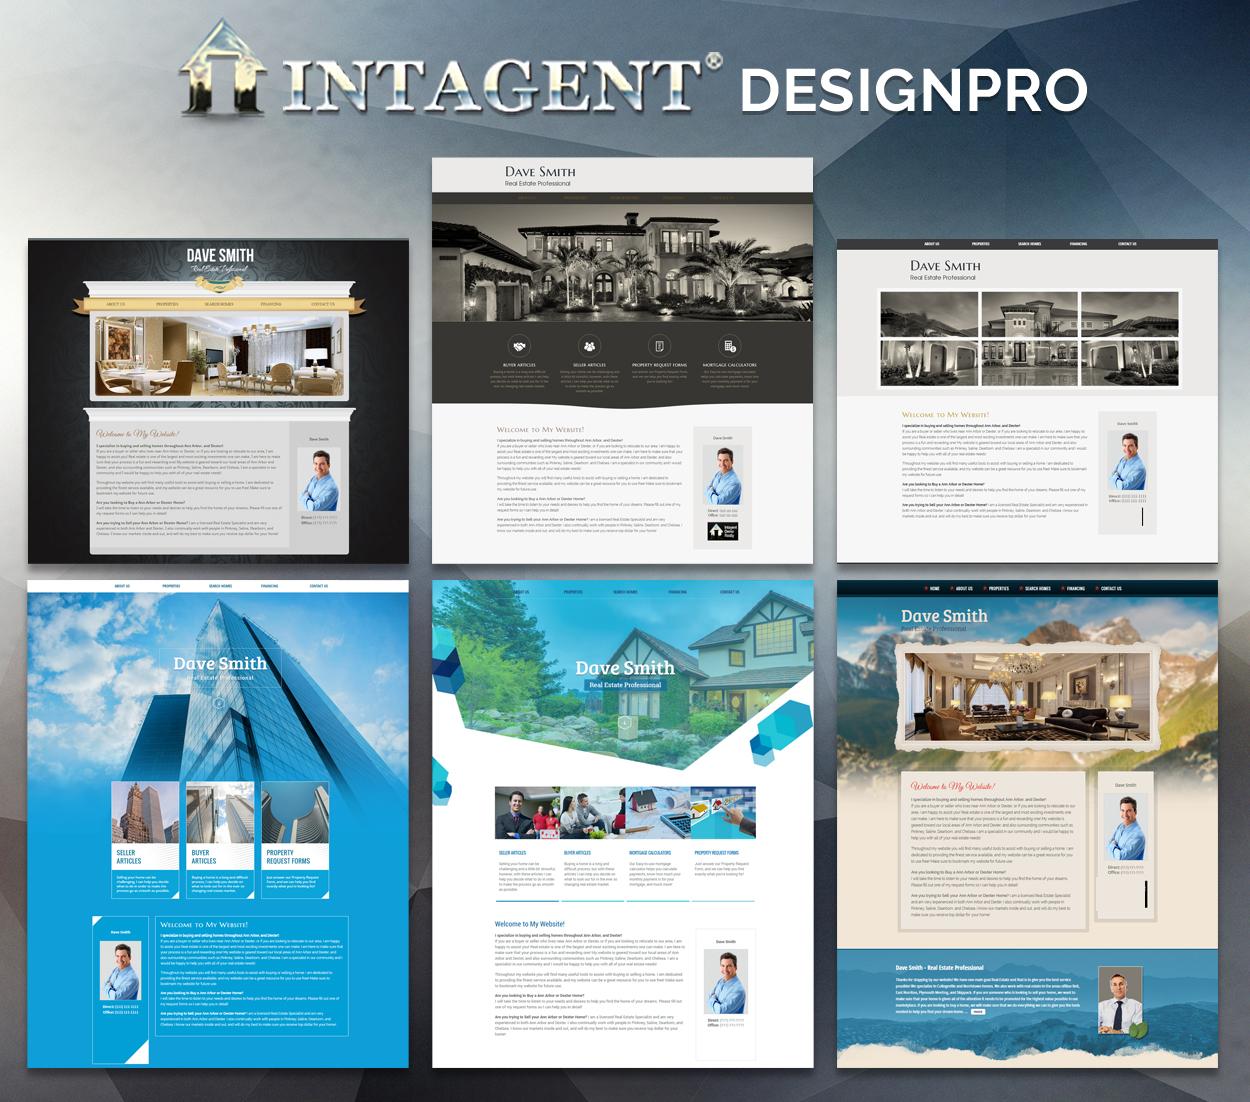 Thumbnail design pro